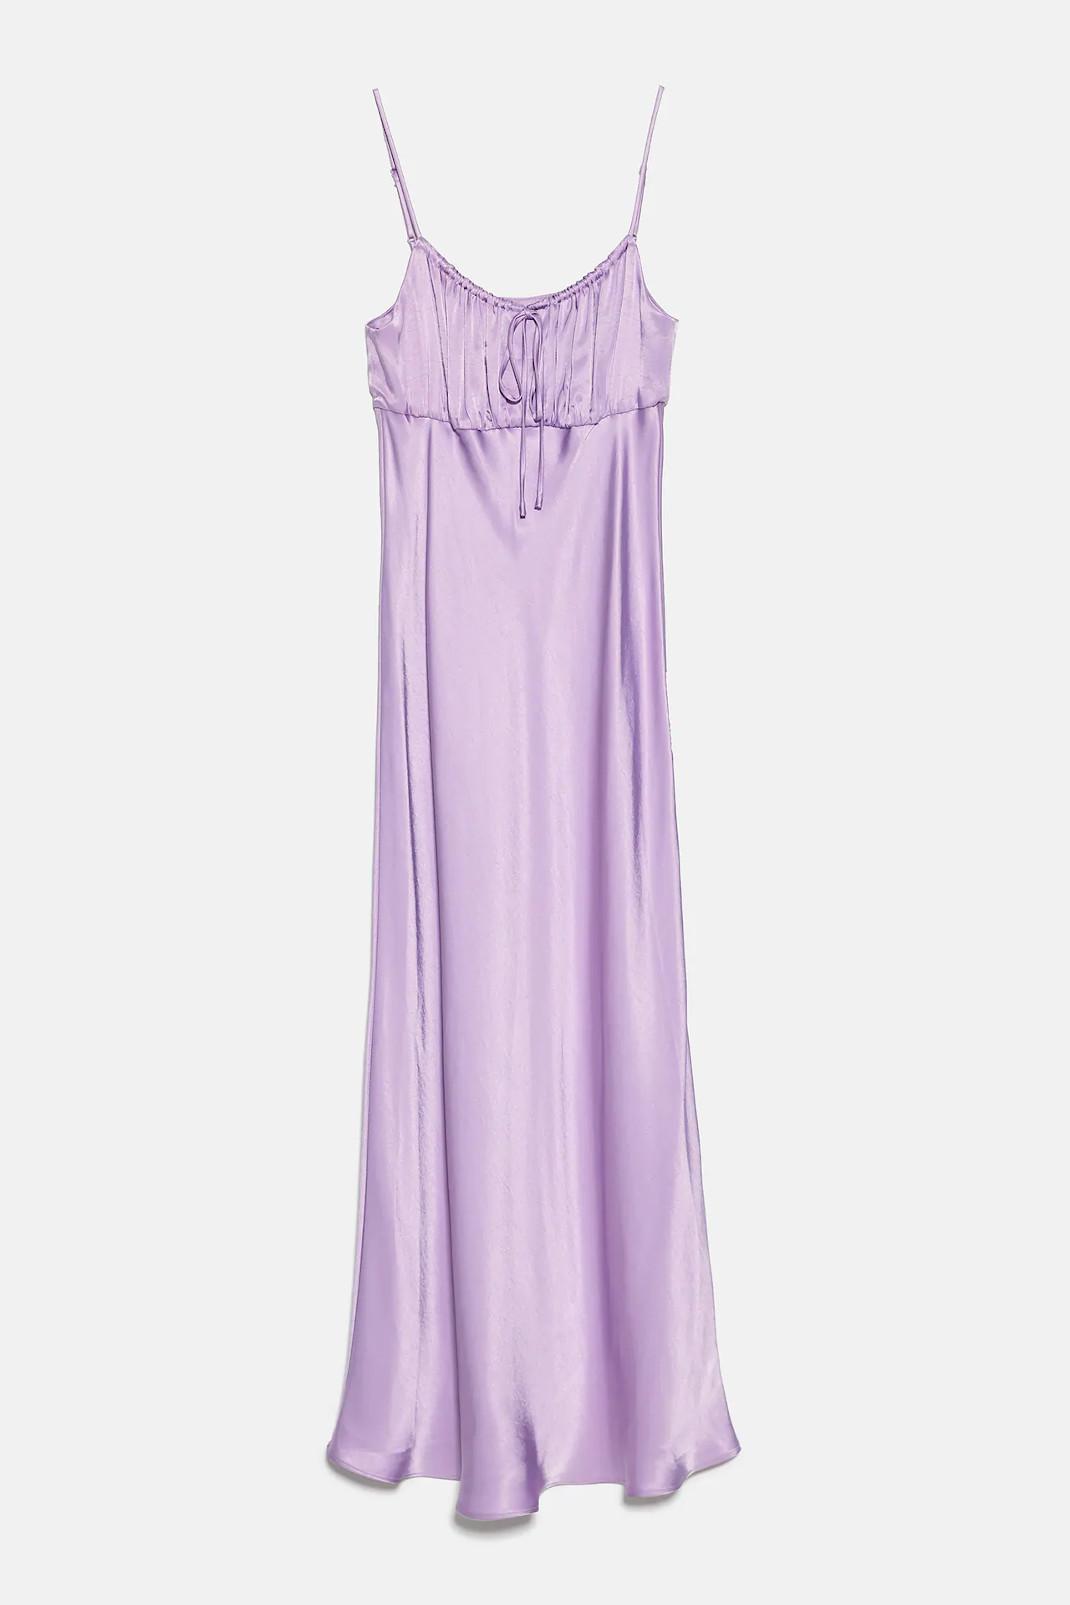 Σικάτη και άνετη με αυτό το φόρεμα που στοιχίζει μόλις 10 ευρώ! (εικόνες)